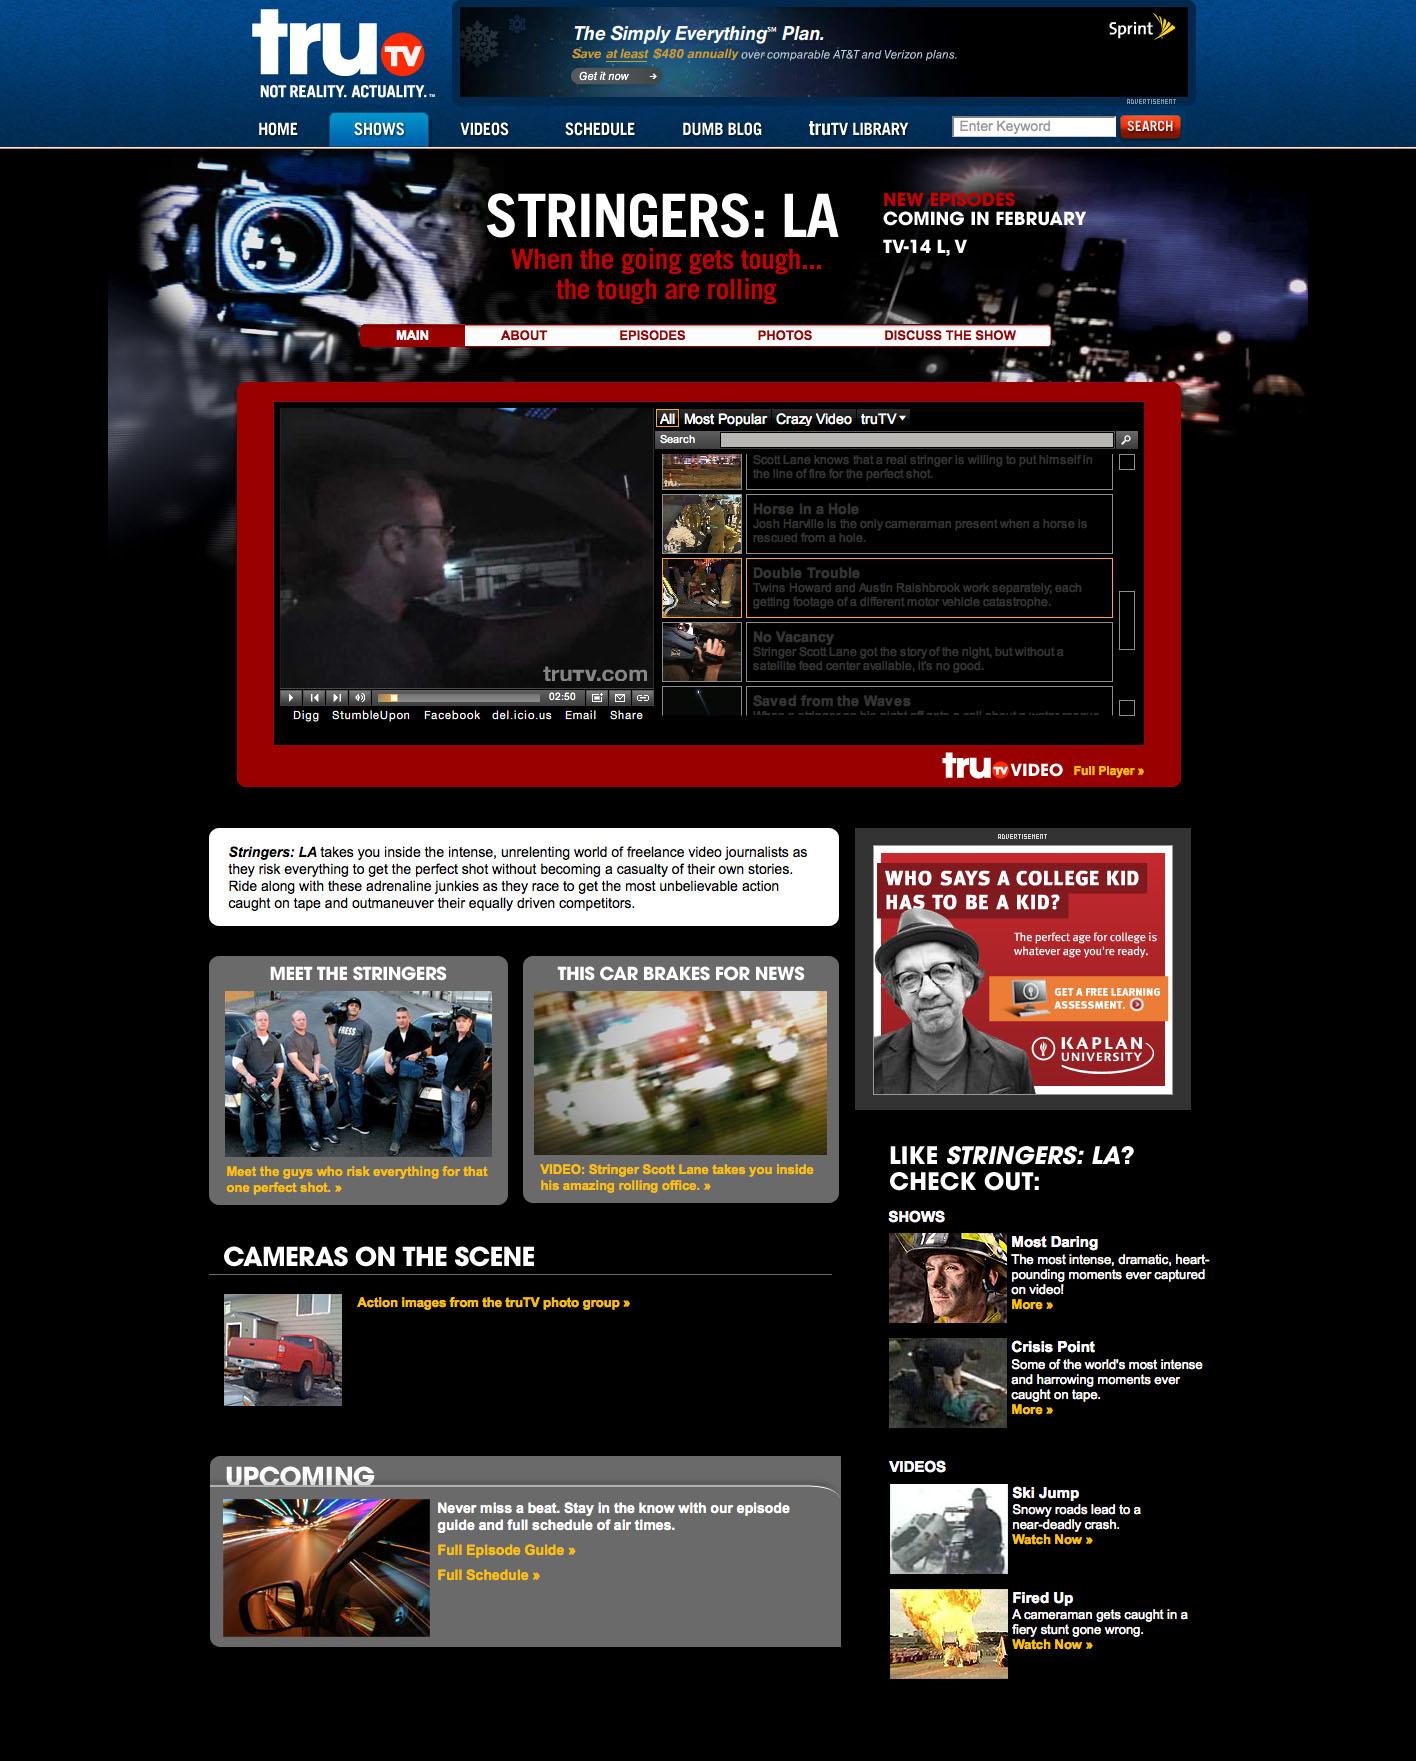 Stringers-LA Home Page